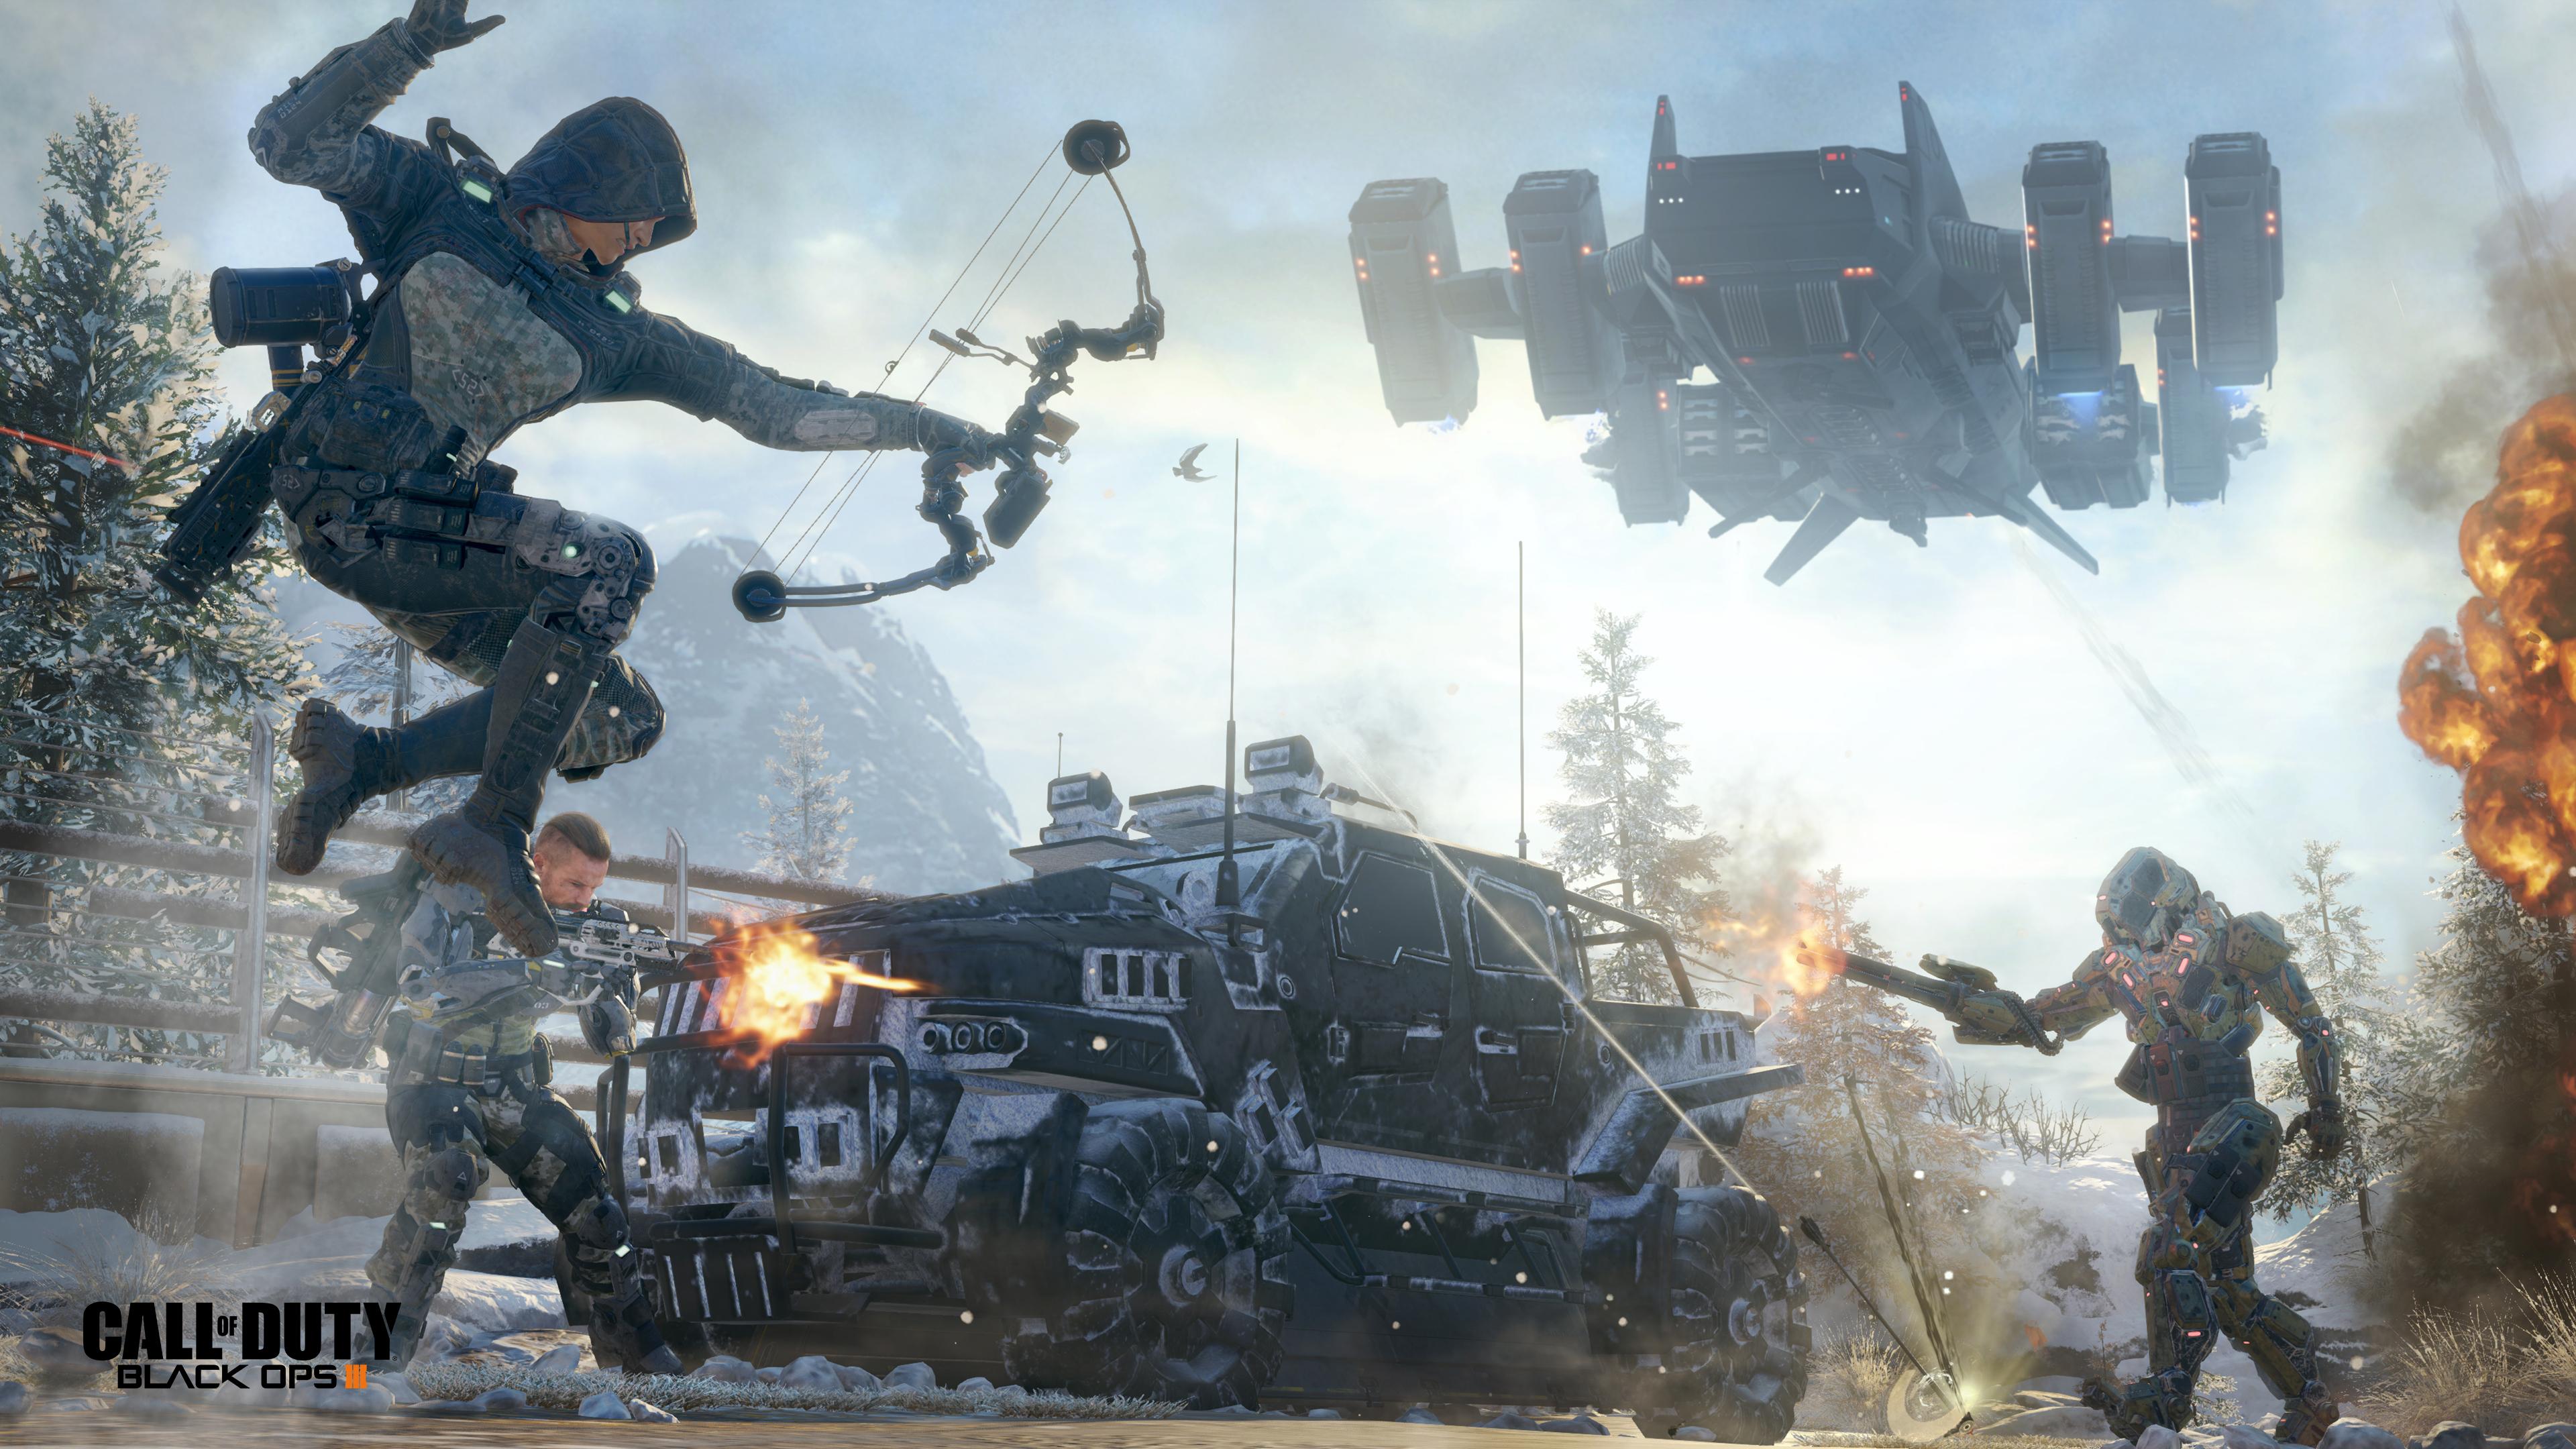 Graliśmy w Call of Duty: Black Ops III. Jest o wiele lepiej, ale to dalej ta sama skala i ciasnota